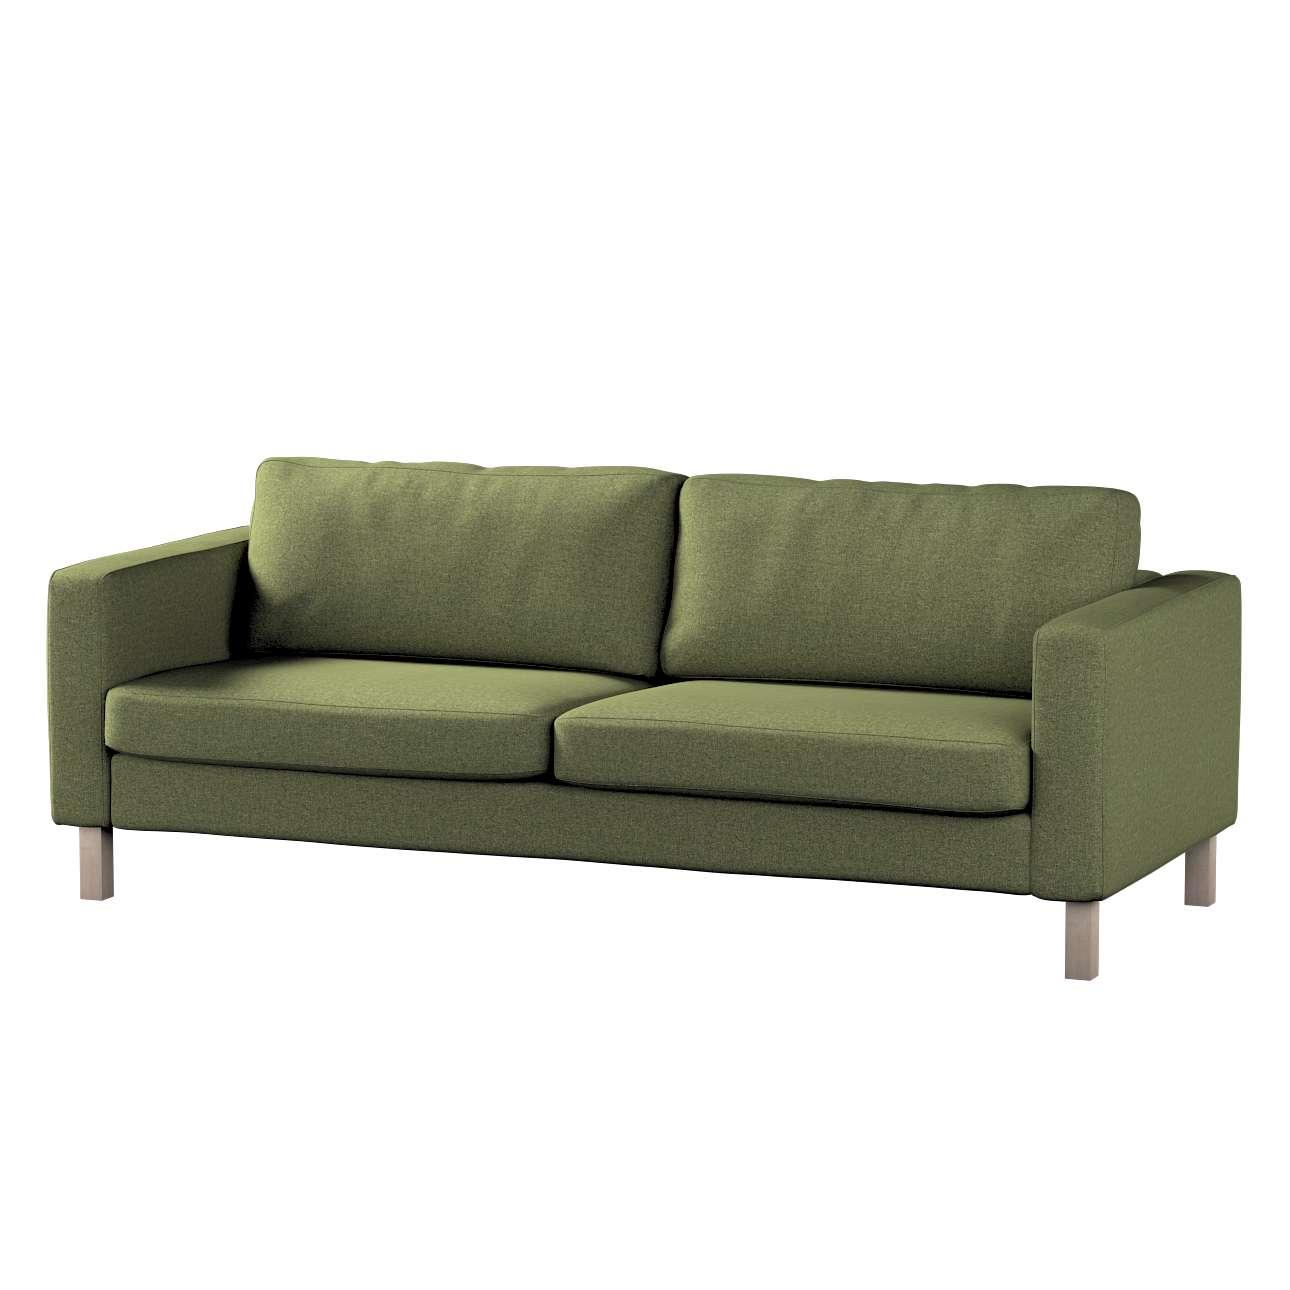 Potah na pohovku IKEA Karlstad, 3-místná, rozkládací v kolekci Madrid, látka: 161-22